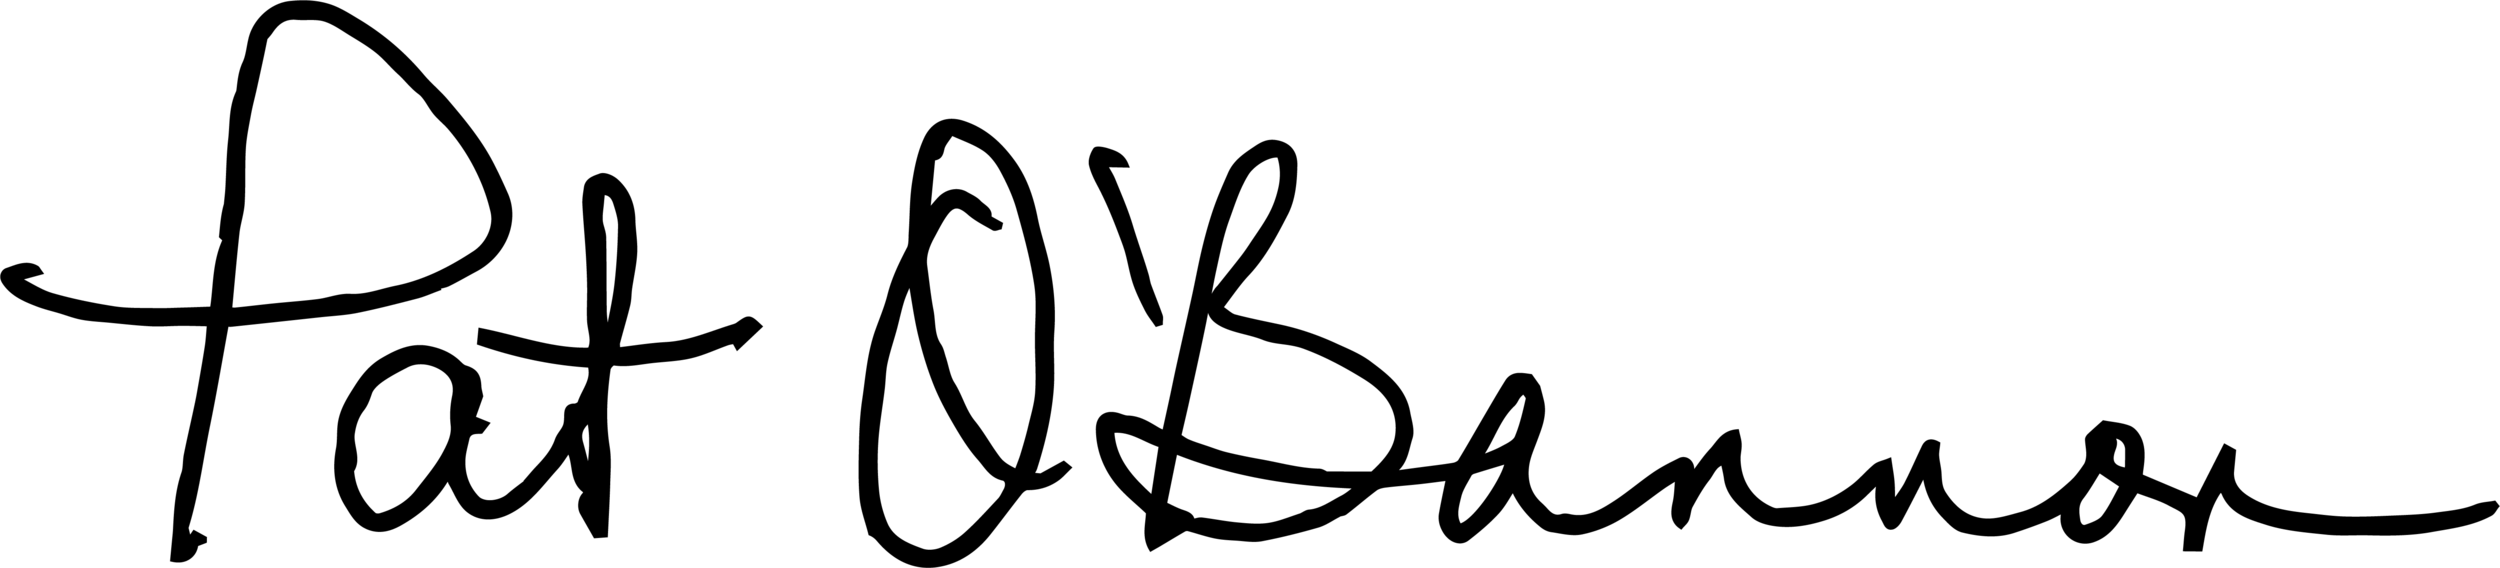 POB Signature_black.png